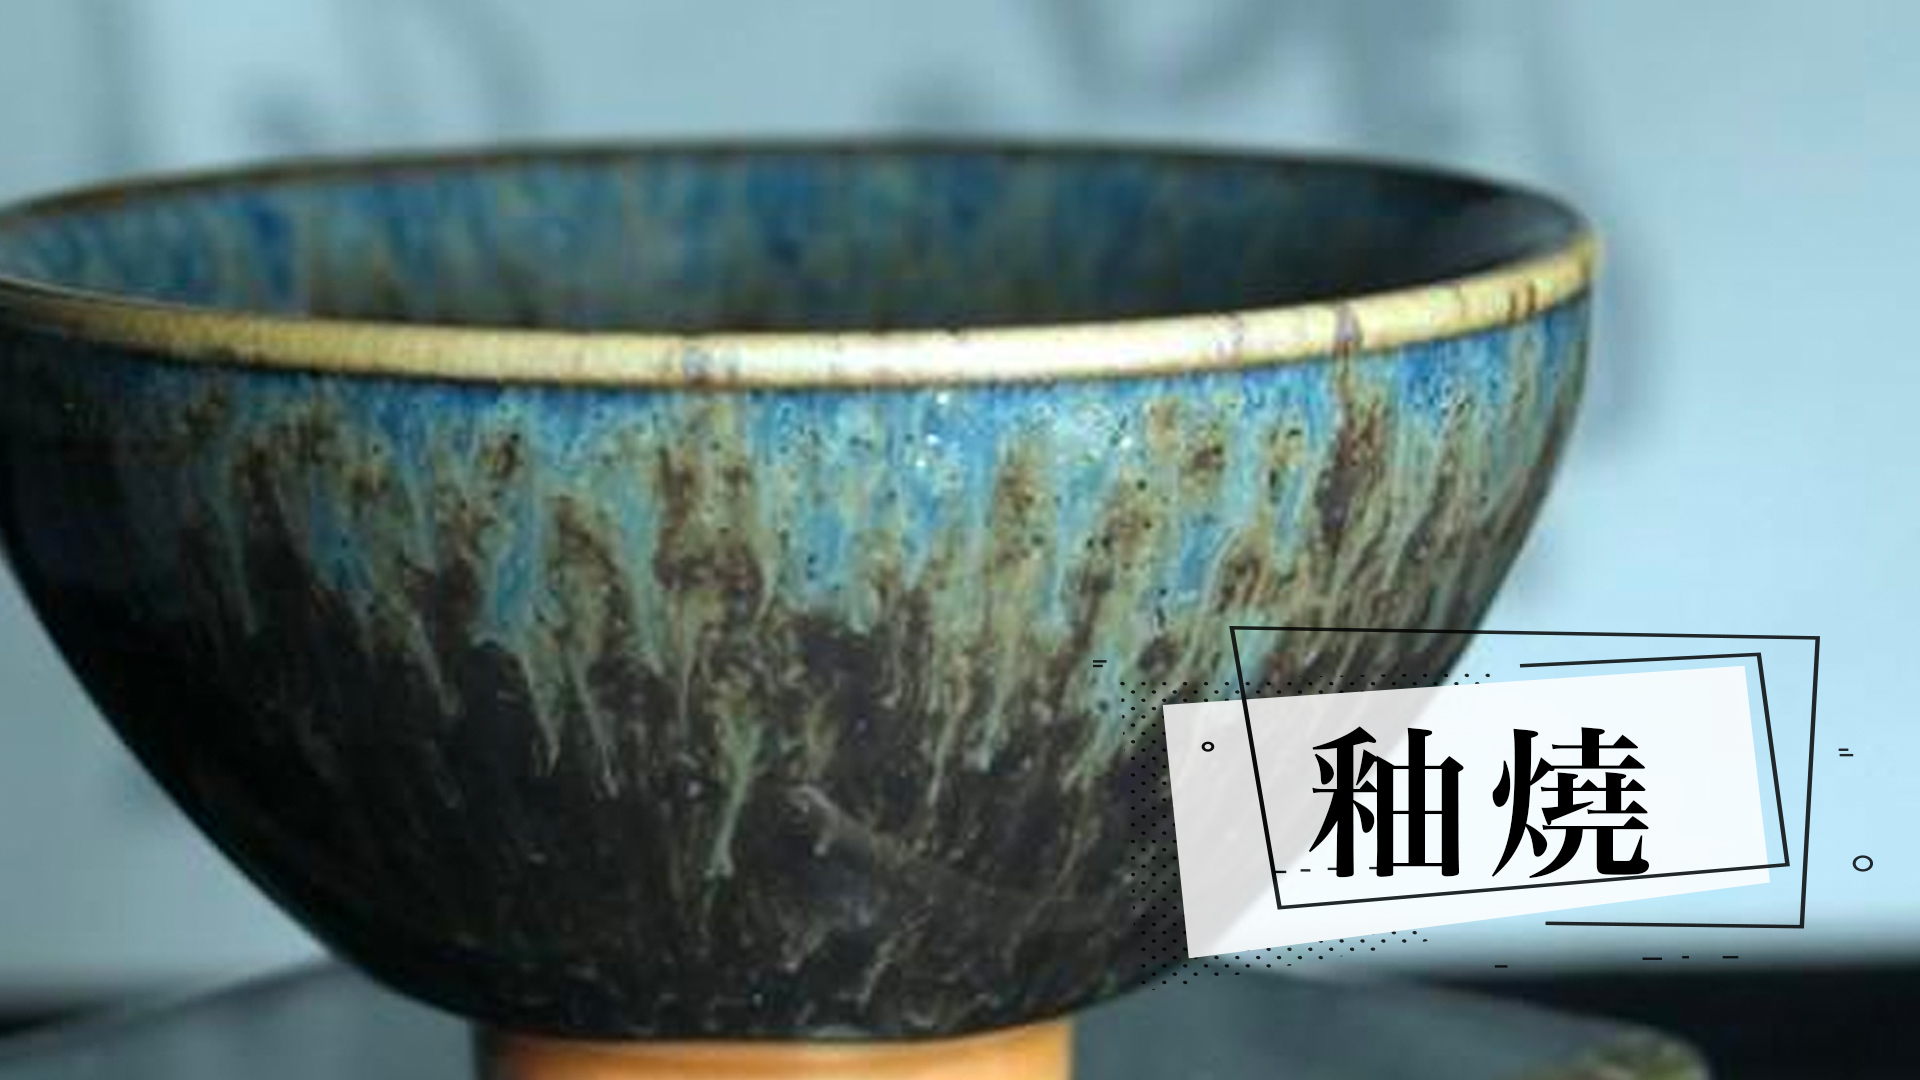 釉燒,釉燒作者,陶藝